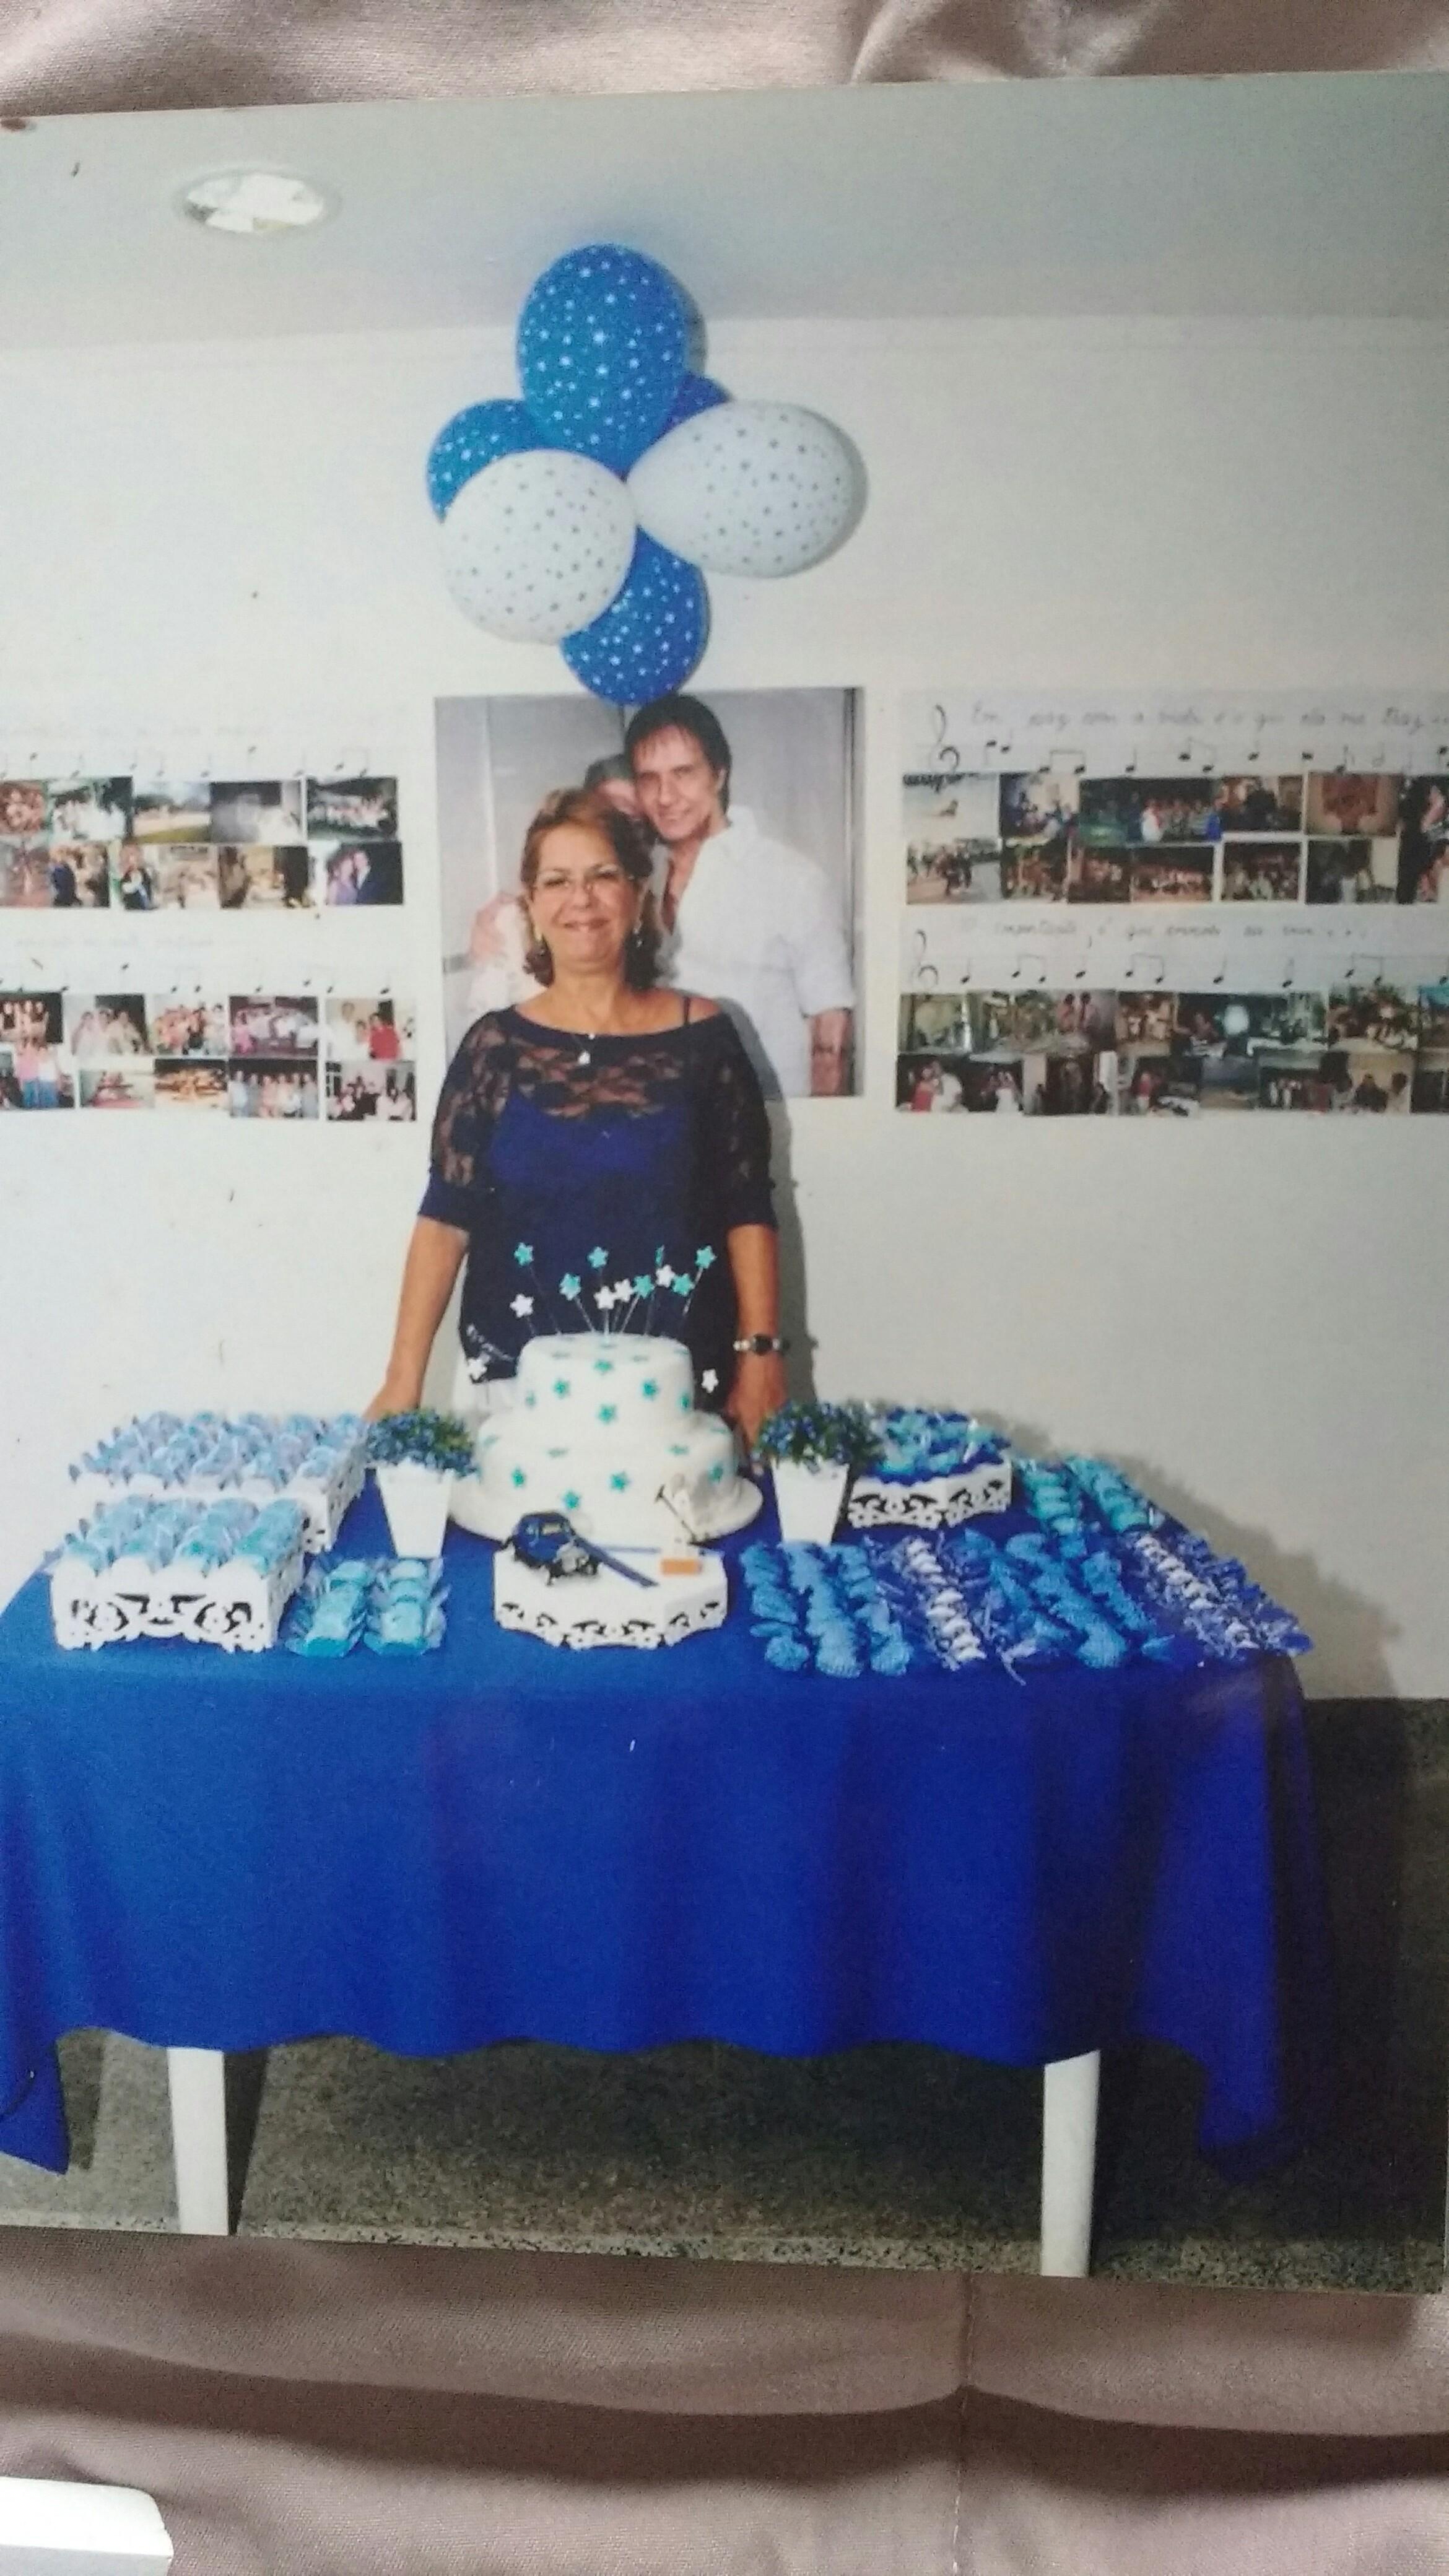 Maria José de Almeida Souza – Minha festa de 60 anos tema Roberto Carlos. - Minha festa de 60 anos tema Roberto Carlos.